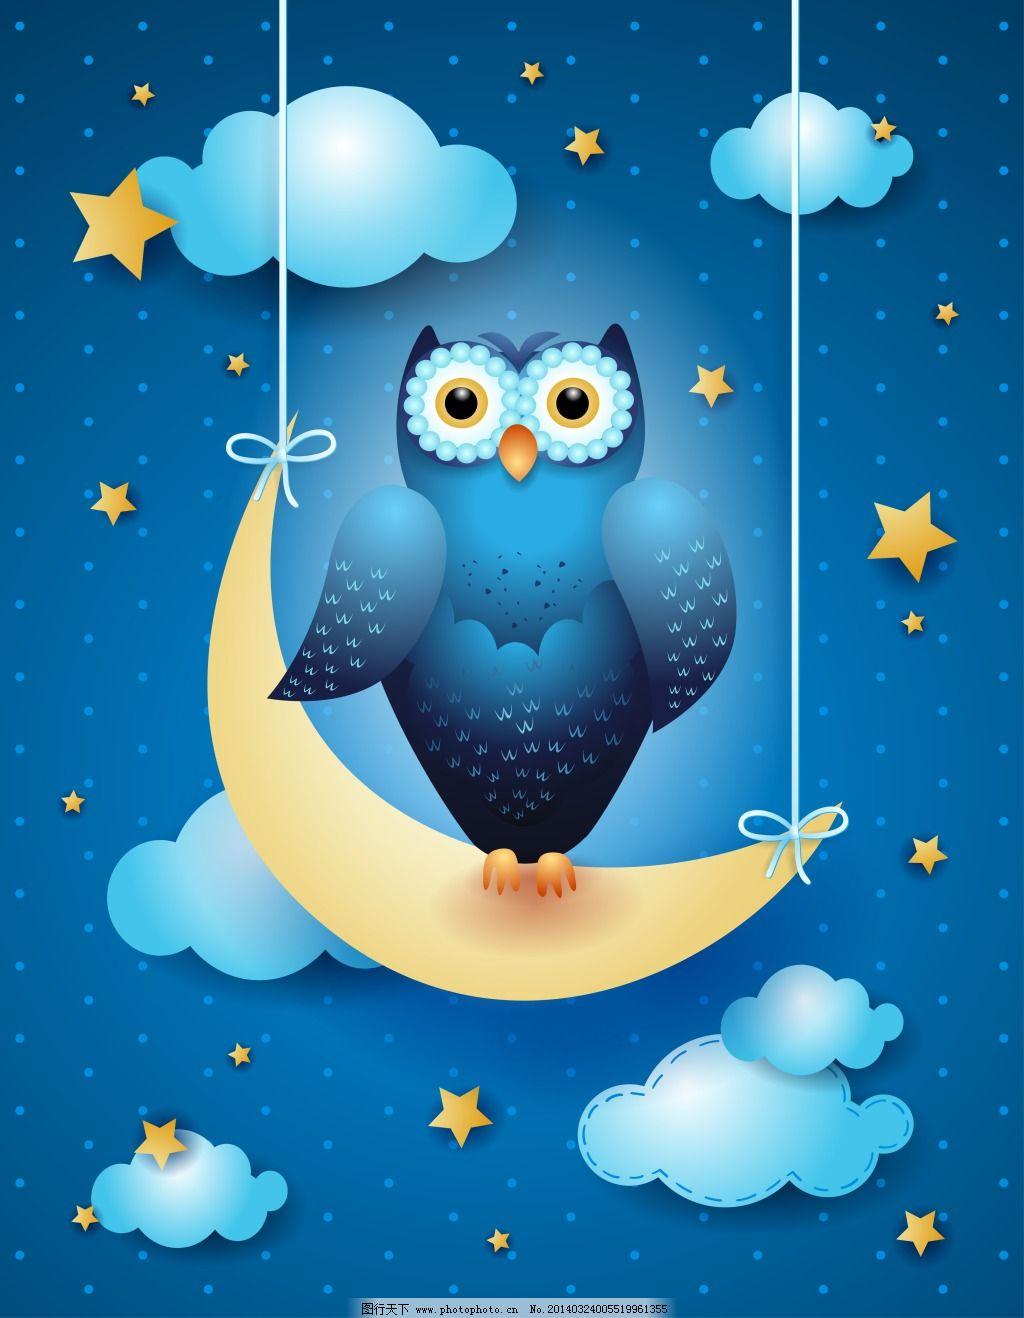 矢量卡通猫头鹰 矢量卡通猫头鹰免费下载 星星 夜空 月亮 云朵